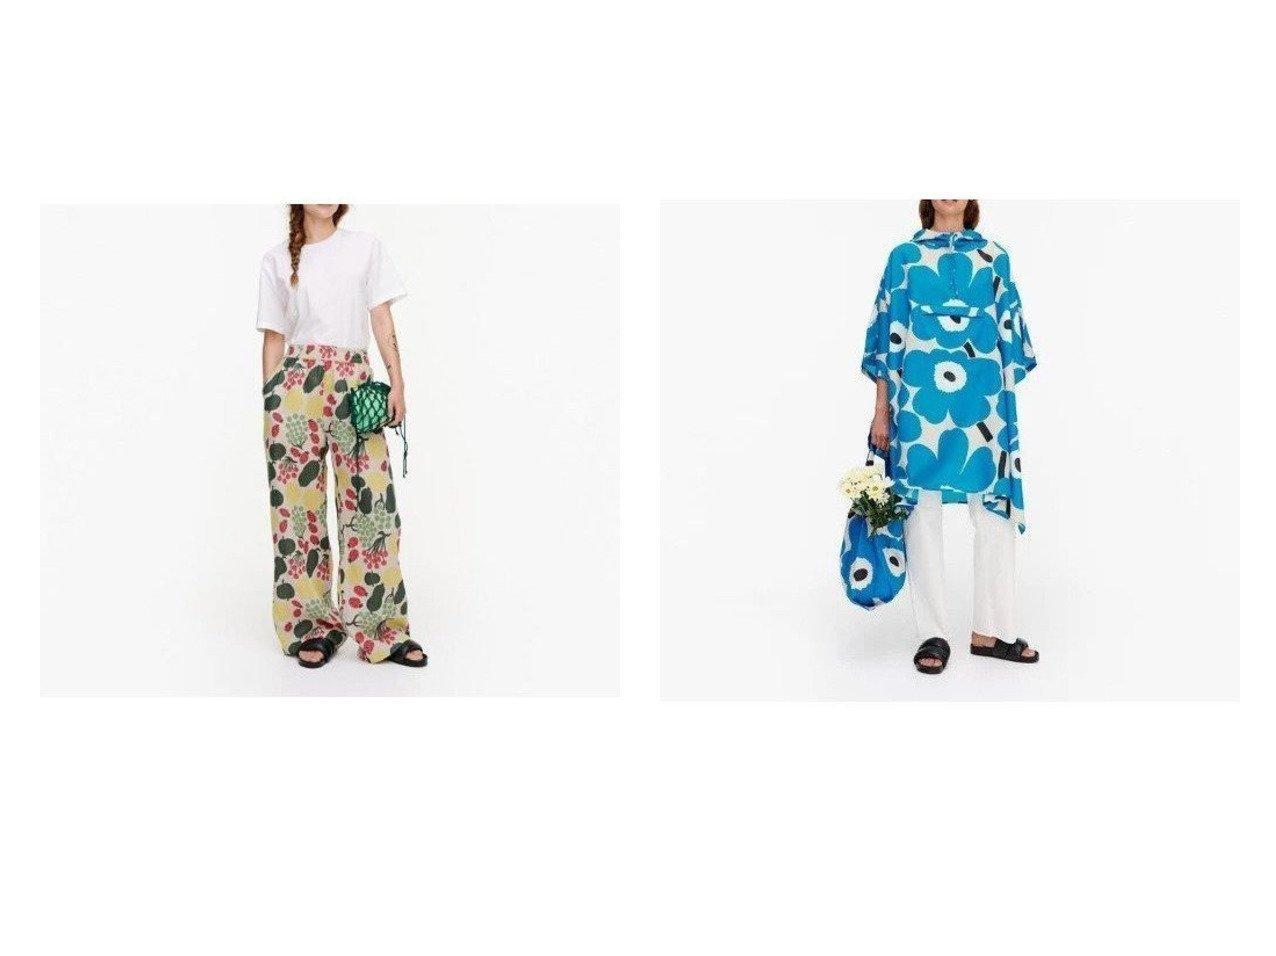 【marimekko/マリメッコ】のUnikko レインポンチョ&Kukkinut Pieni Tori パンツ おすすめ!人気、トレンド・レディースファッションの通販 おすすめで人気の流行・トレンド、ファッションの通販商品 インテリア・家具・メンズファッション・キッズファッション・レディースファッション・服の通販 founy(ファニー) https://founy.com/ ファッション Fashion レディースファッション WOMEN パンツ Pants アウター Coat Outerwear コート Coats ポンチョ Ponchos カラフル セットアップ プリント リラックス ワイド コンパクト フロント ポケット ポーチ モチーフ |ID:crp329100000042375